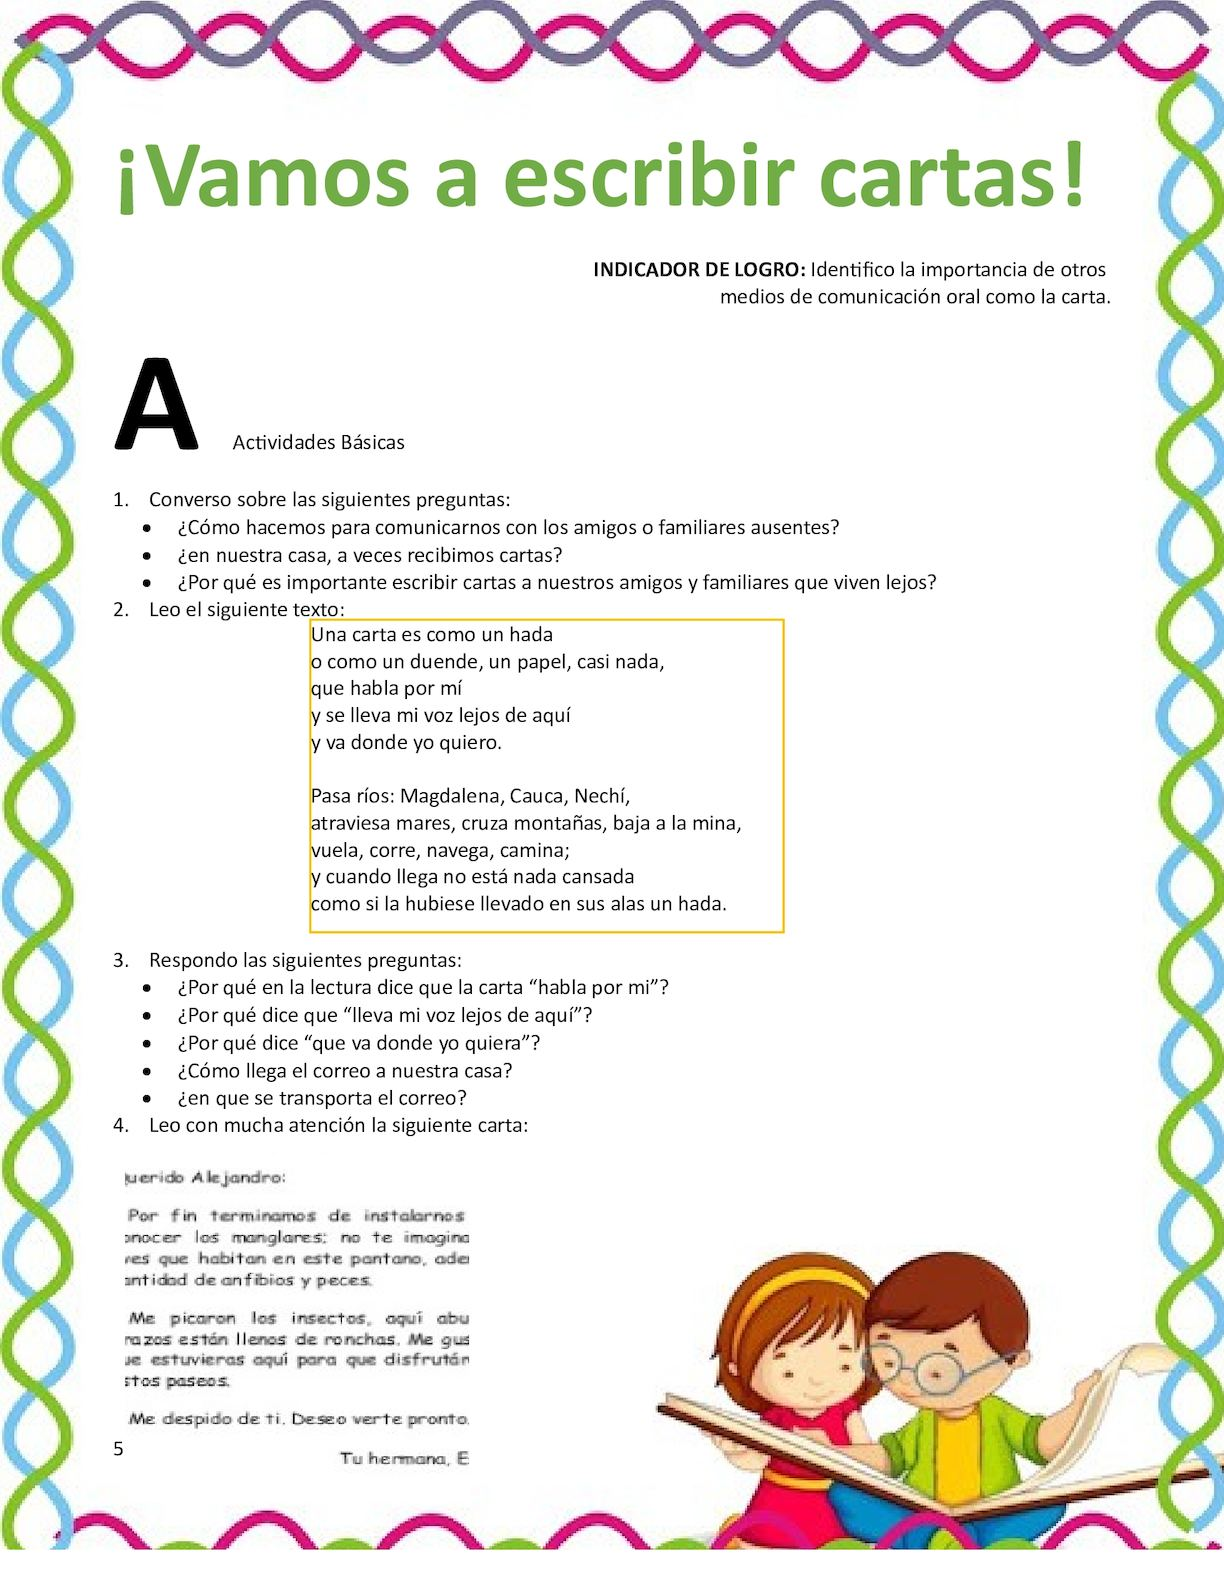 Calameo